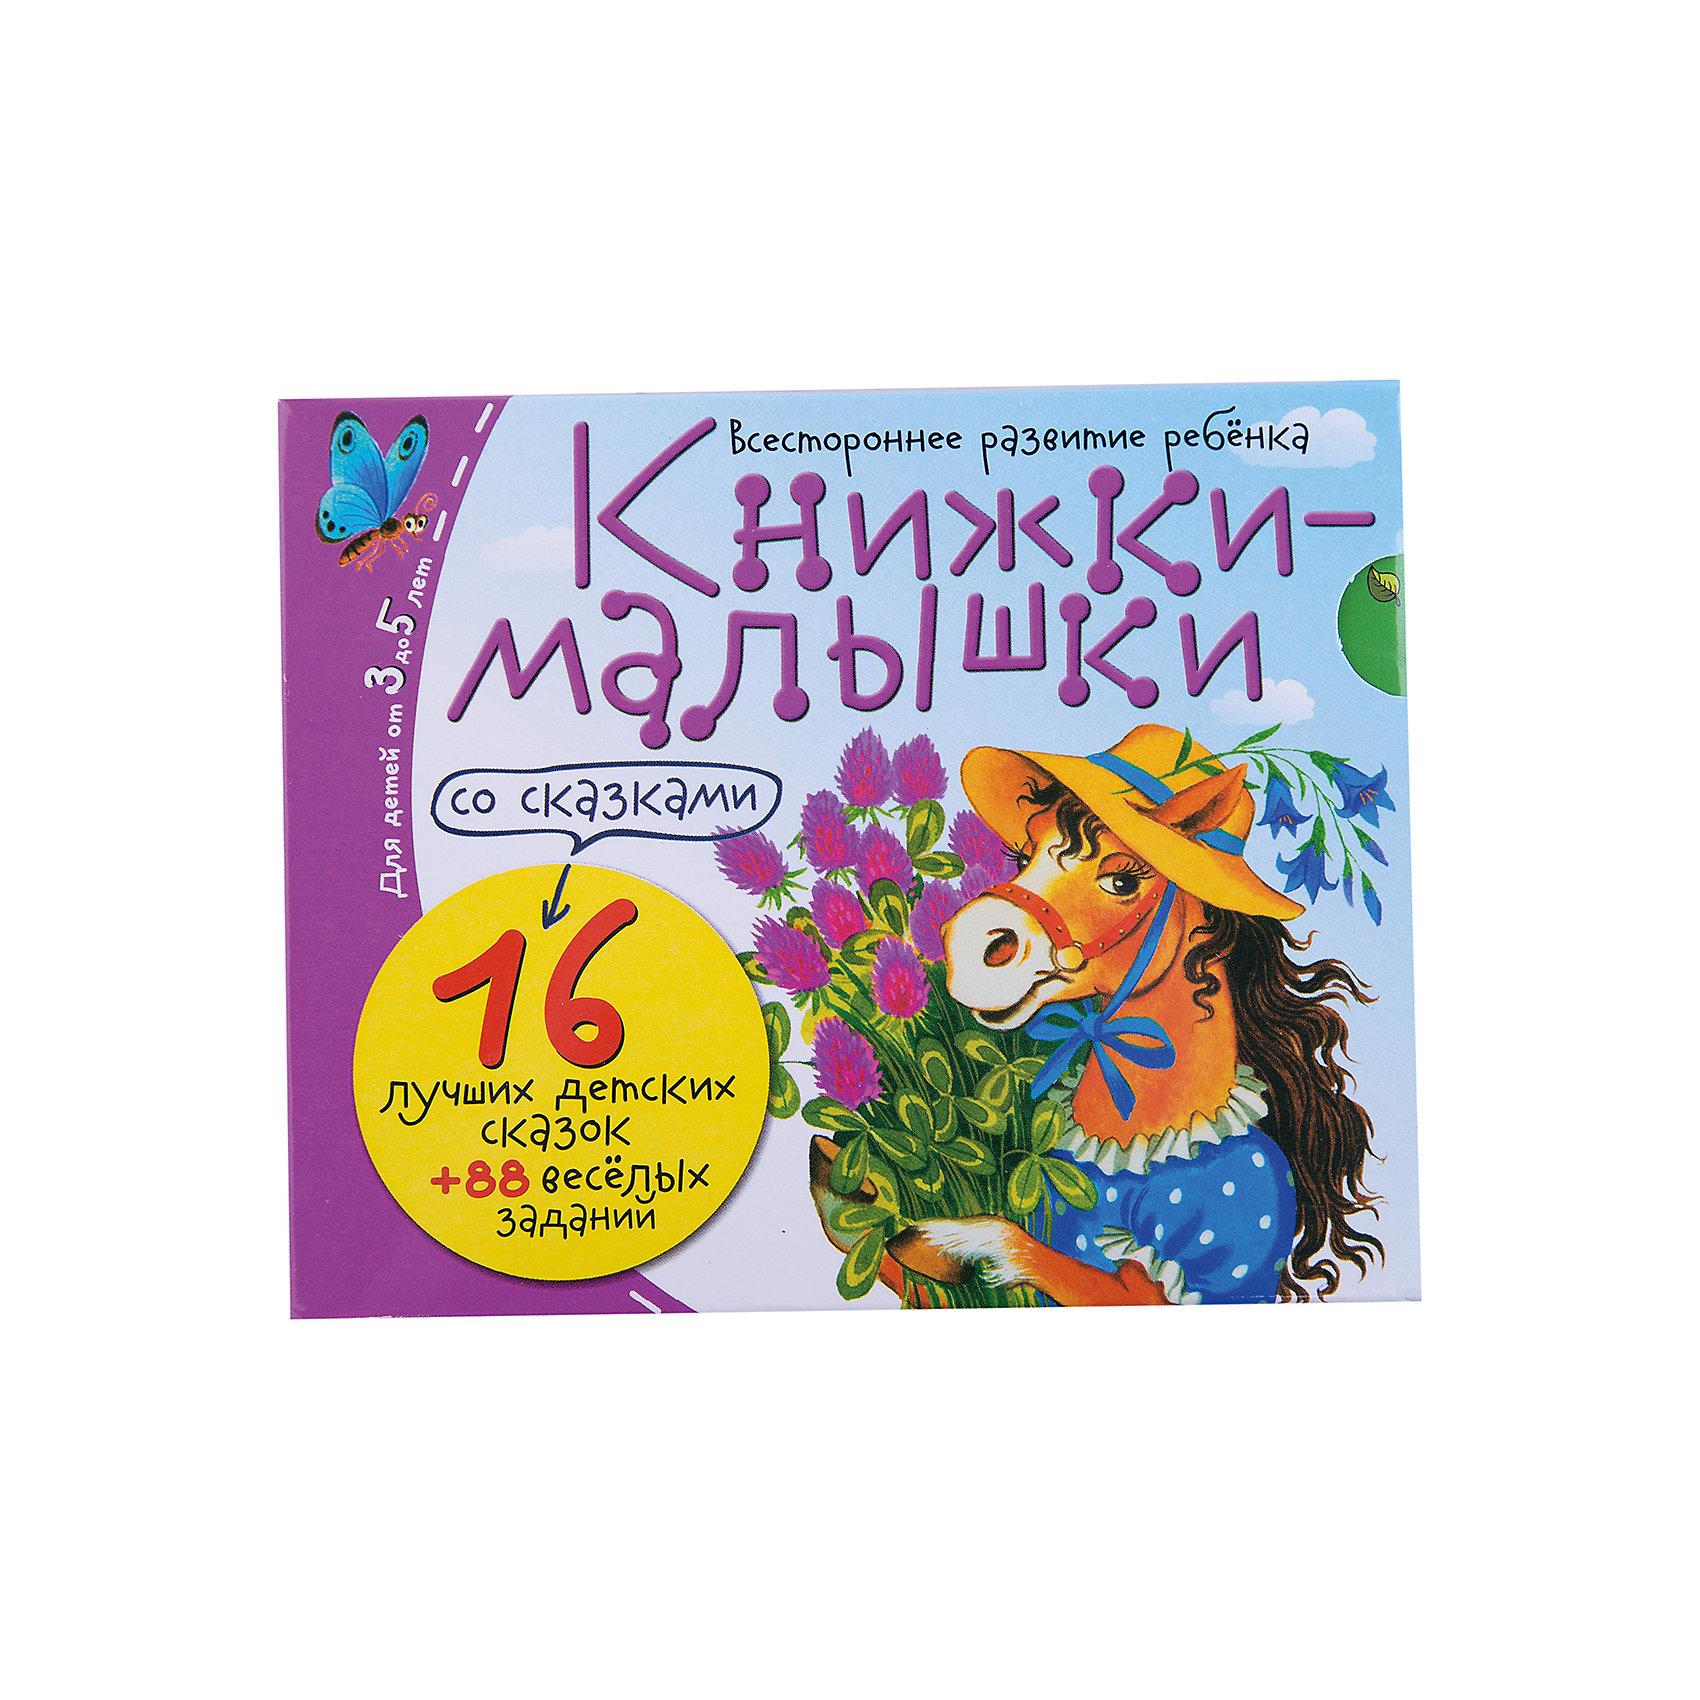 Книжки-малышки со сказкамиСказки<br>Характеристики товара:<br><br>• возраст: от 3 лет<br>• в комплекте 16 книг: Аленький цветочек; Теремок; Репка; Кто самый красивый?; Почему совы летают ночью?; Как щенок учился лаять; Мужик и заяц; Гадкий утенок; Горшочек каши; Три поросенка; Белоснежка и семь гномов; Лиса и волк; Три медведя; Красная Шапочка; Золушка; Стойкий оловянный солдатик.<br>• издательство: Айрис-Пресс<br>• серия: Книжки-малышки со сказками<br>• тип обложки: мягкий переплет<br>• иллюстрации: цветные<br>• количество страниц: 256 (офсет)<br>• упаковка: подарочная коробка<br>• размер упаковки: 10,8х13,2х4,5 см.<br>• вес: 294 гр.<br>• ISBN: 9785811254040<br><br>В комплект входят 16 книжек, в которых ребёнок не только встретится с героями любимых сказок, но и решит занимательные задачки (88 заданий) для всестороннего развития.<br><br>Задания представлены в игровой форме. Вооружившись карандашом, это можно сделать прямо в книгах. А красочные иллюстрации создадут радостную атмосферу занятий.<br><br>Компактный формат позволит брать книжки с собой в дорогу и провести время в автомобиле, поезде, на даче или на природе с пользой.<br><br>Книжки-малышки со сказками можно купить в нашем интернет-магазине.<br><br>Ширина мм: 44<br>Глубина мм: 135<br>Высота мм: 110<br>Вес г: 300<br>Возраст от месяцев: 36<br>Возраст до месяцев: 60<br>Пол: Унисекс<br>Возраст: Детский<br>SKU: 6849657